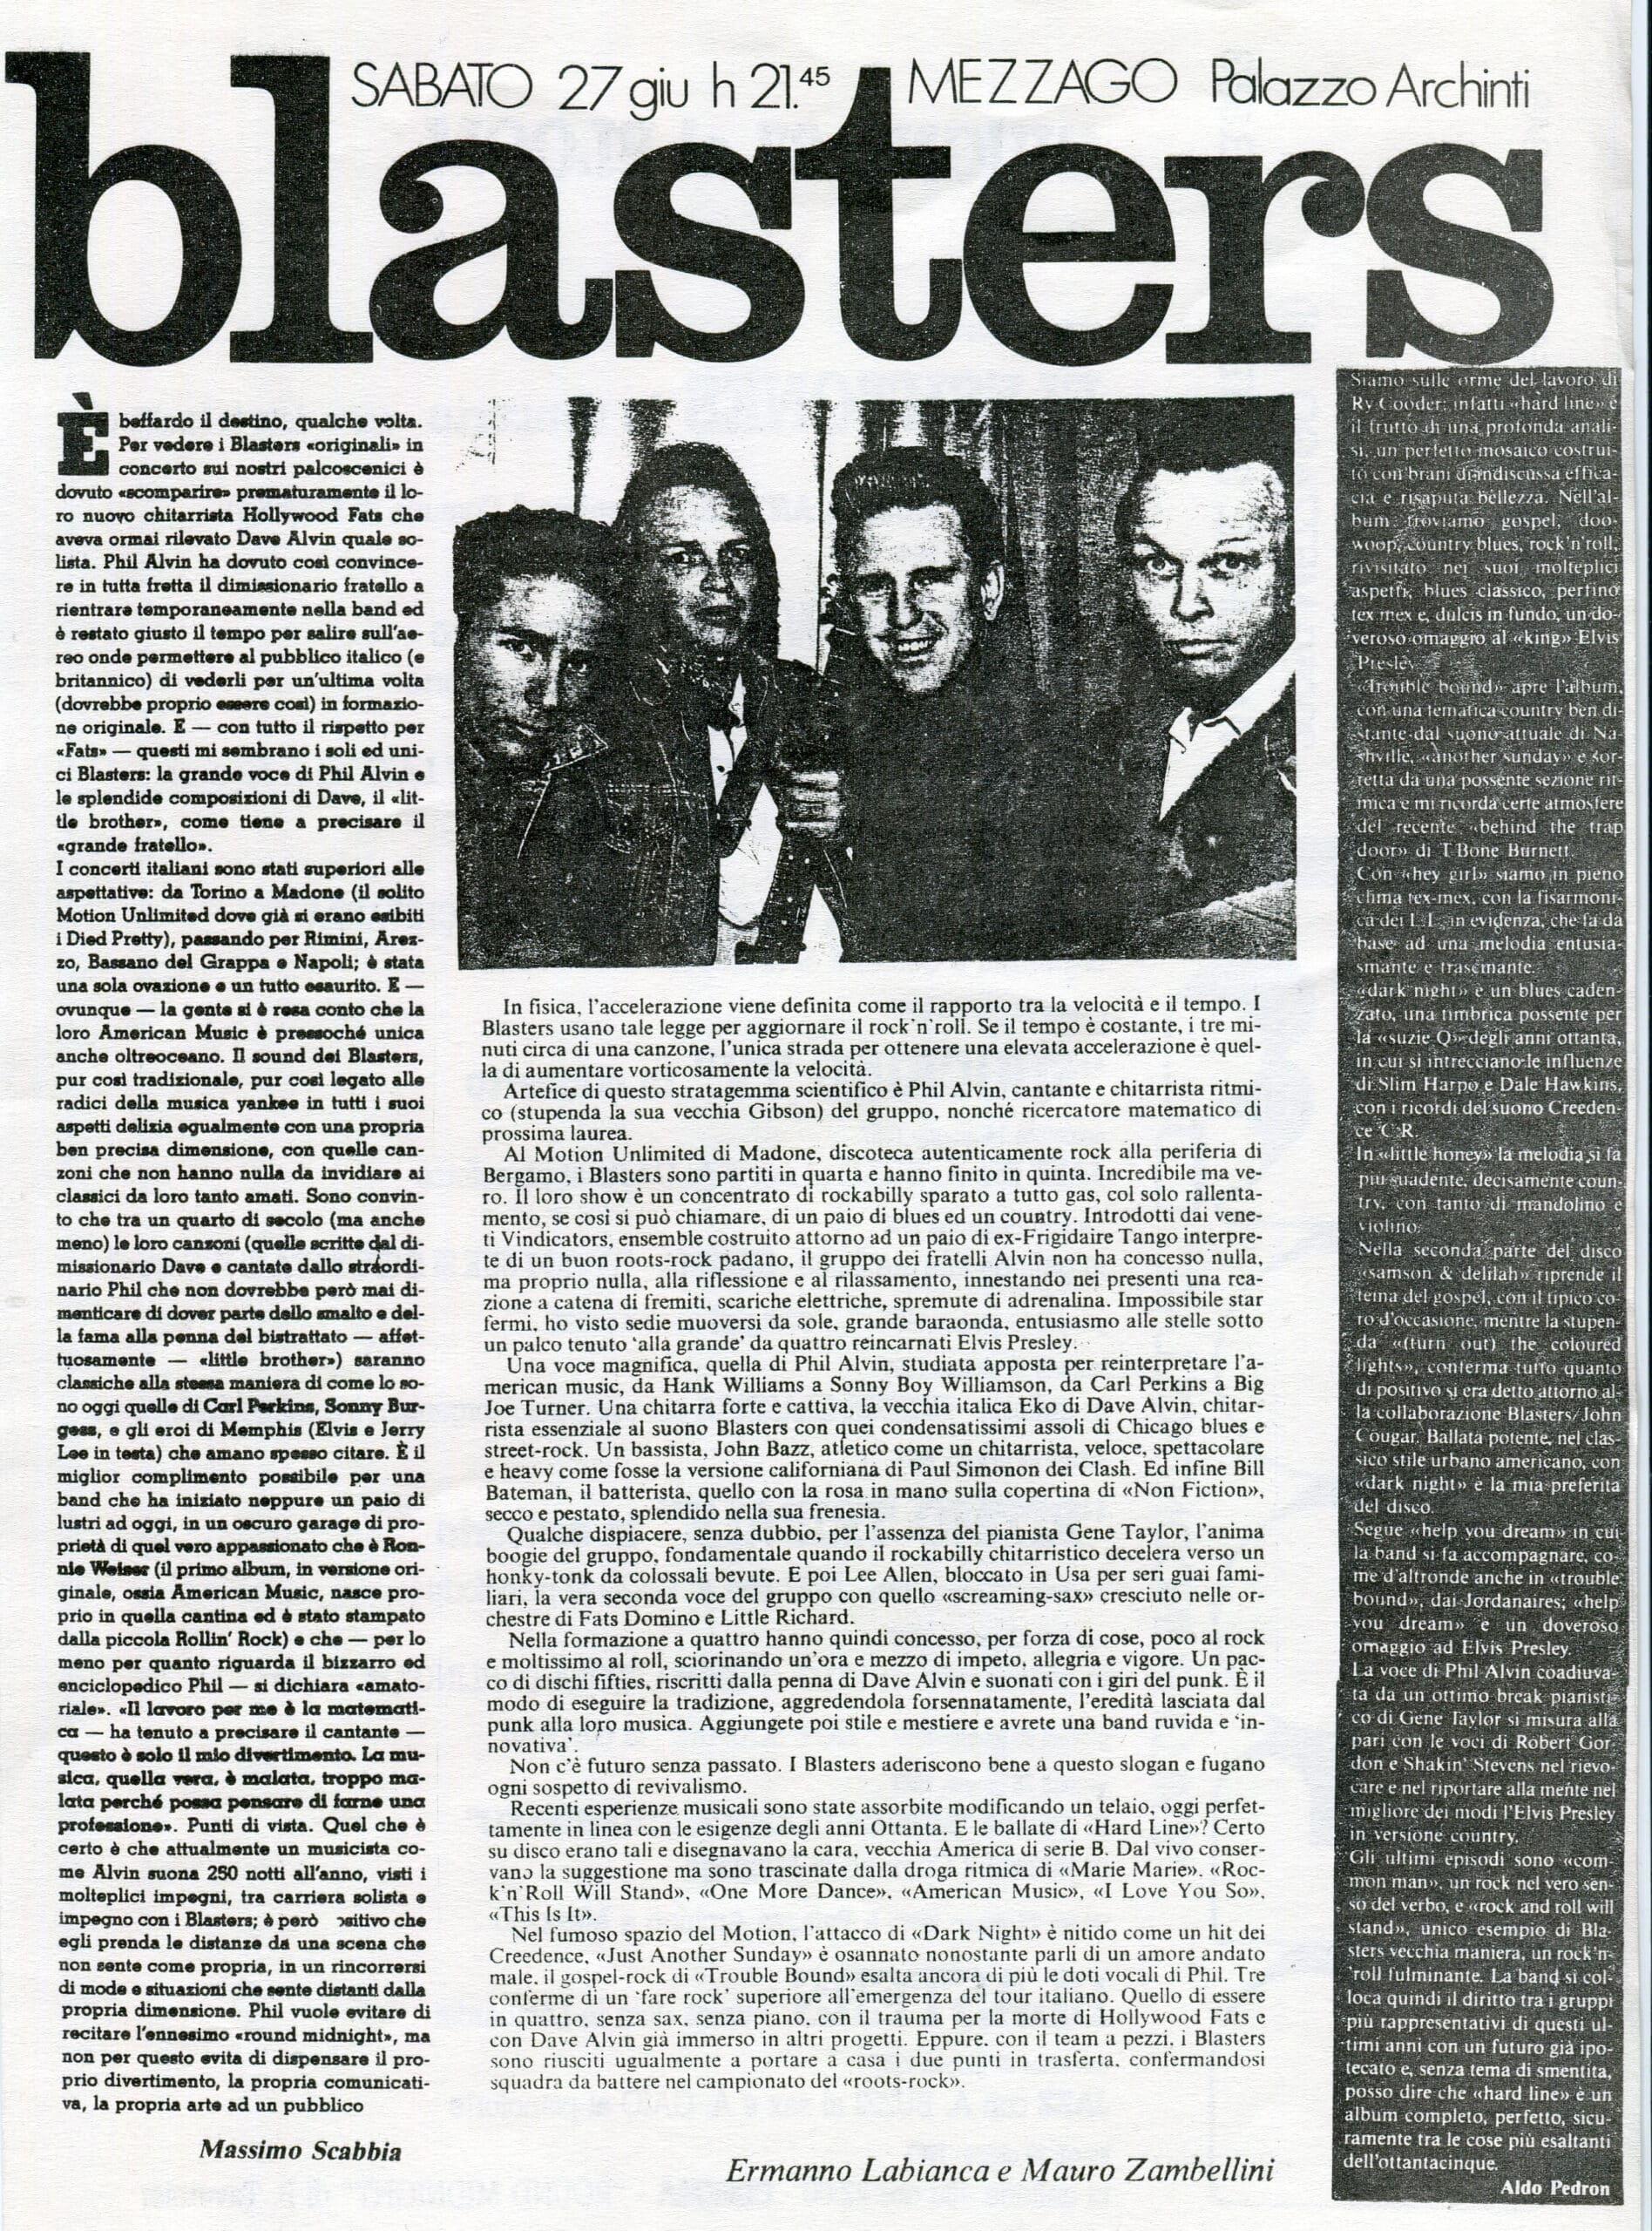 Volantino fotocopiato del concerto dei Blasters. 1987